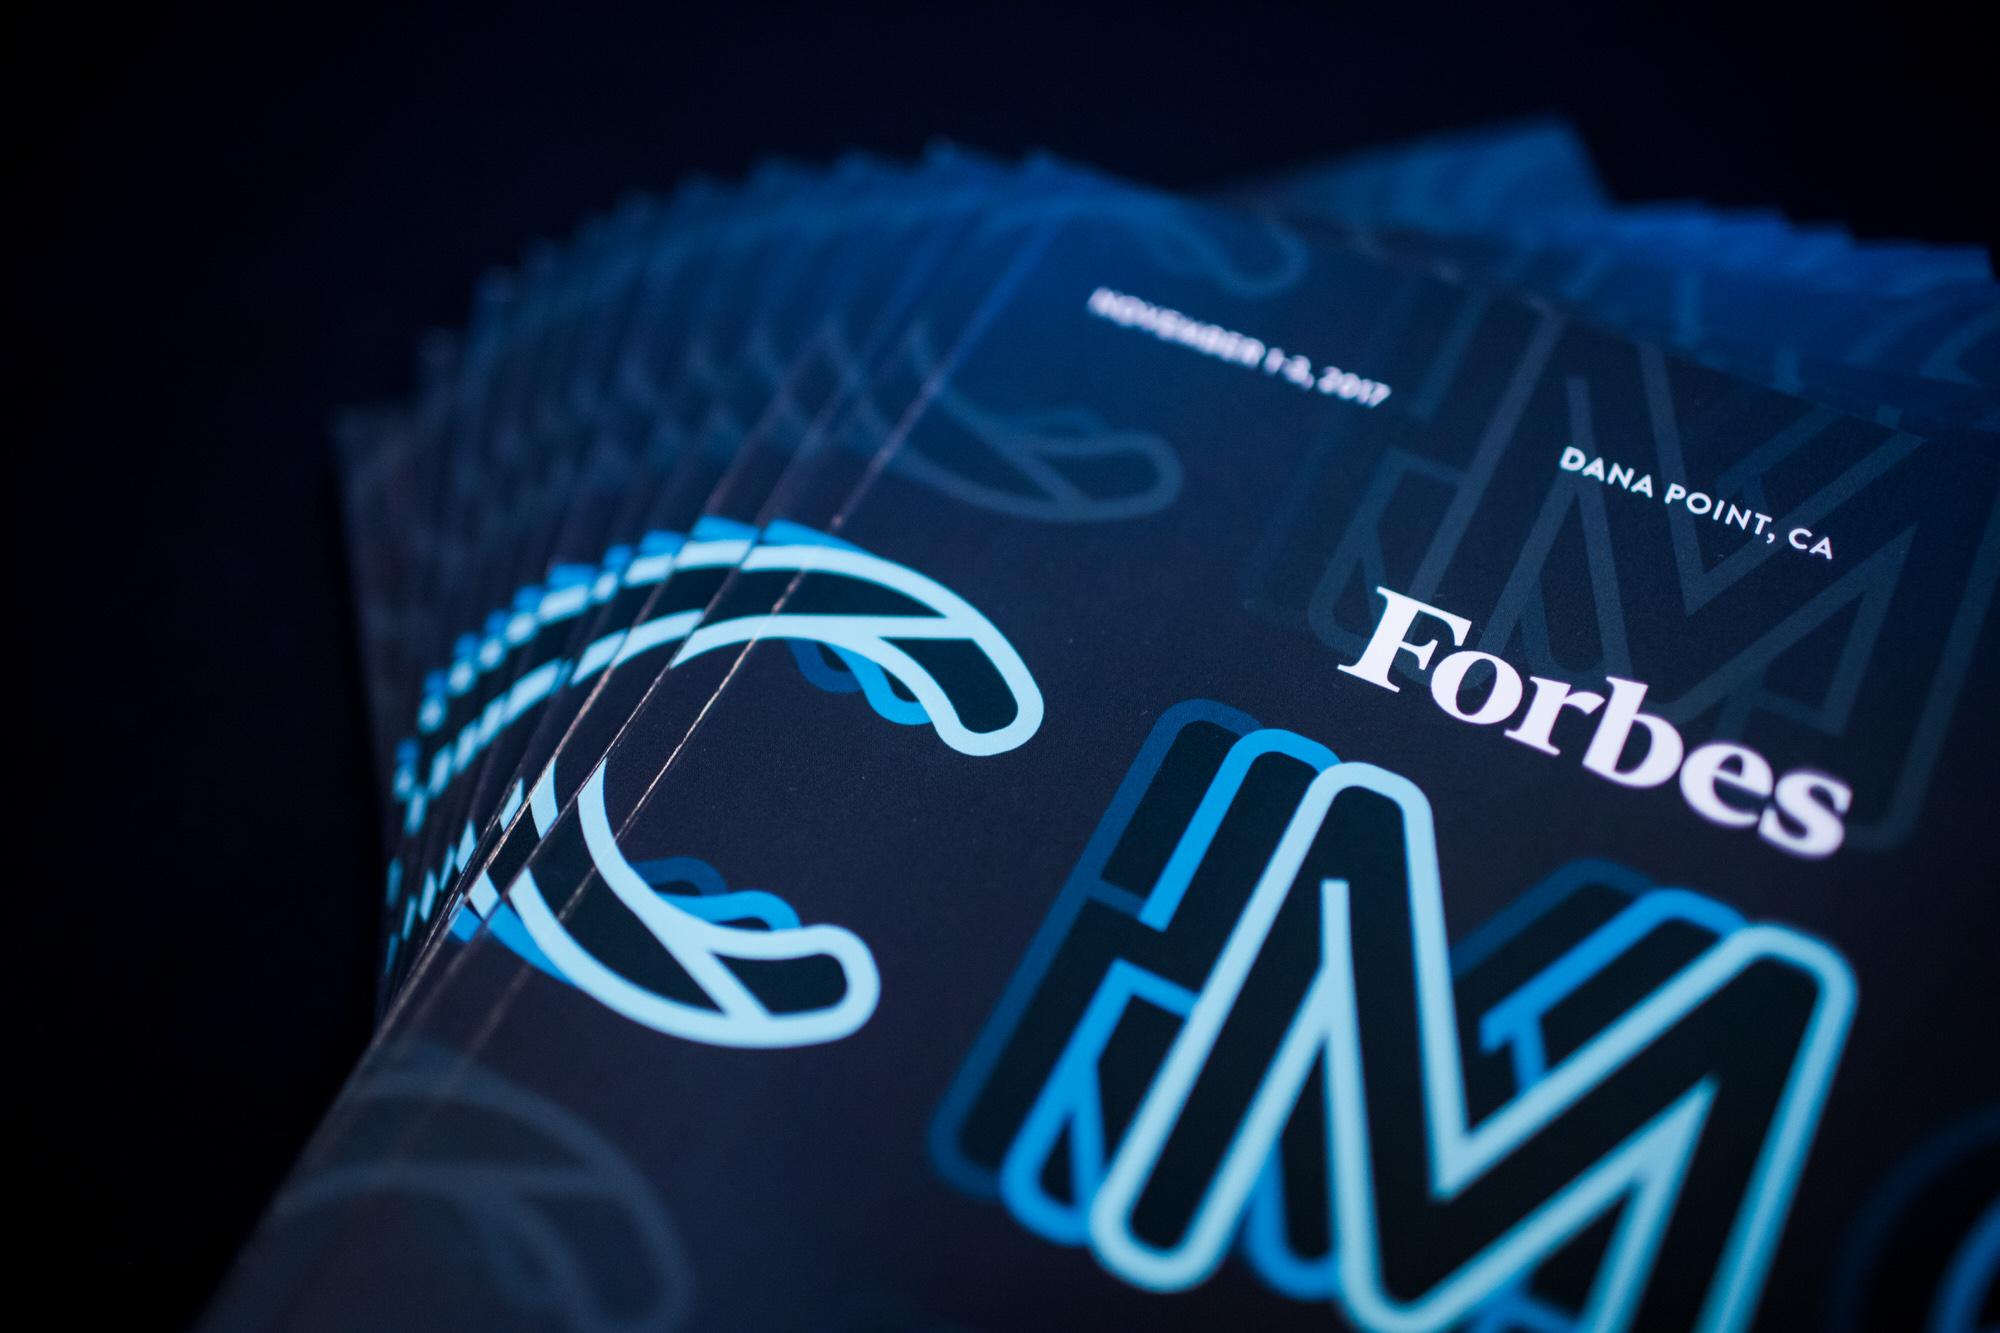 FORBES_Nov2_Coverve_0013.jpg